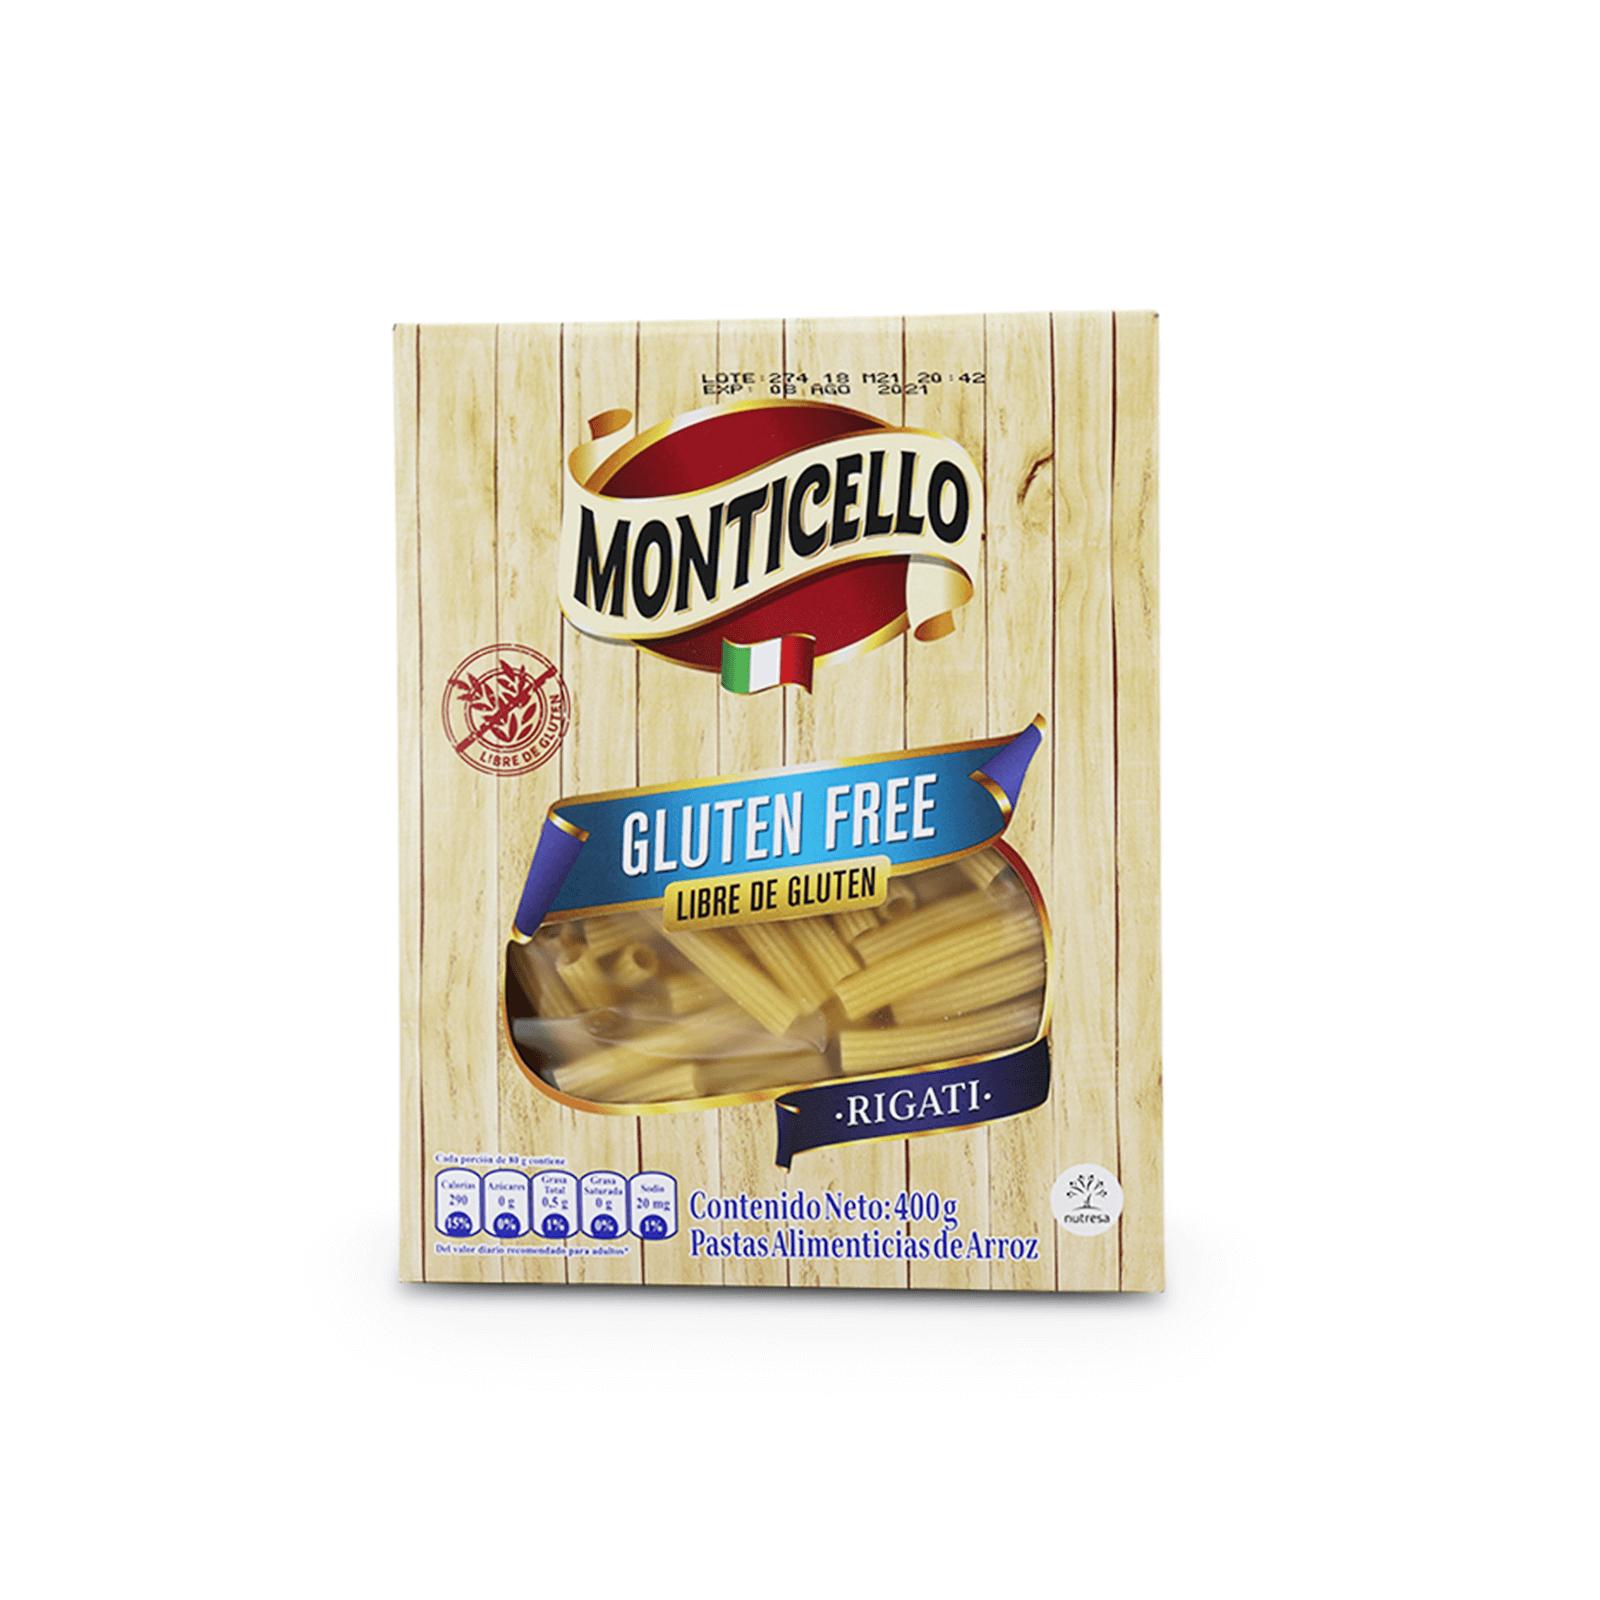 Rigati Libre De Gluten Monticello